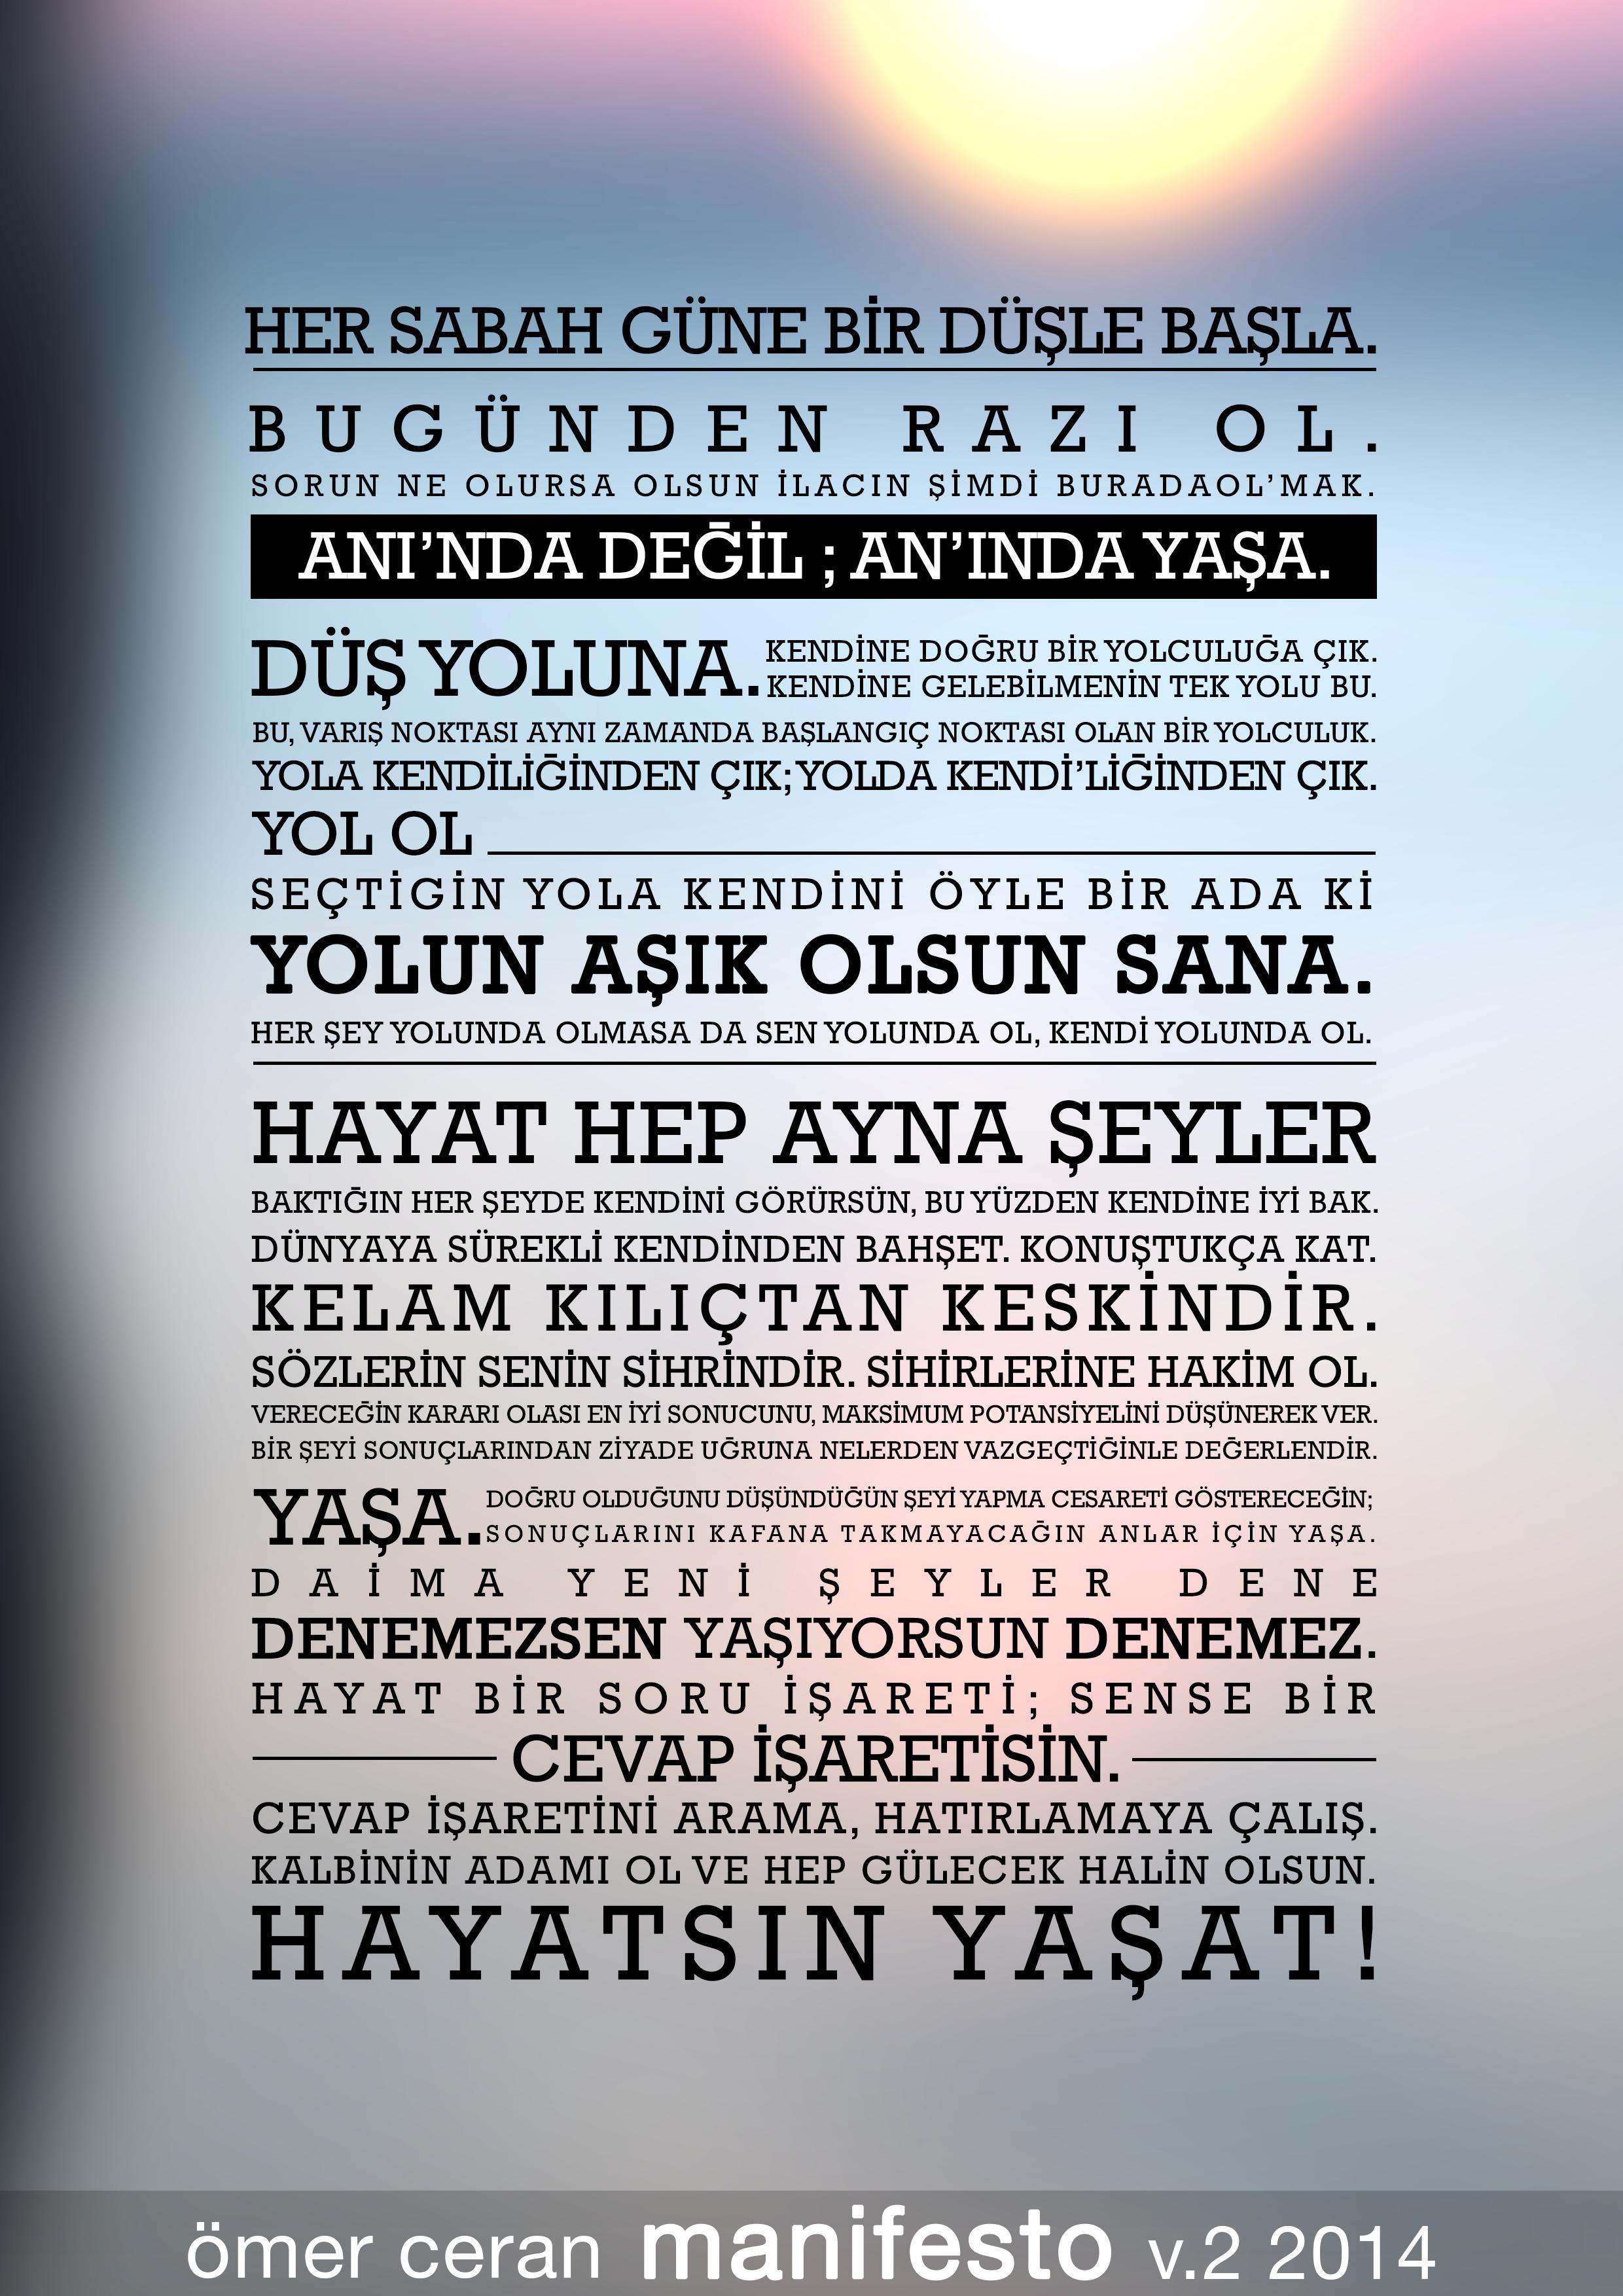 Ömer Ceran Manifesto v2a